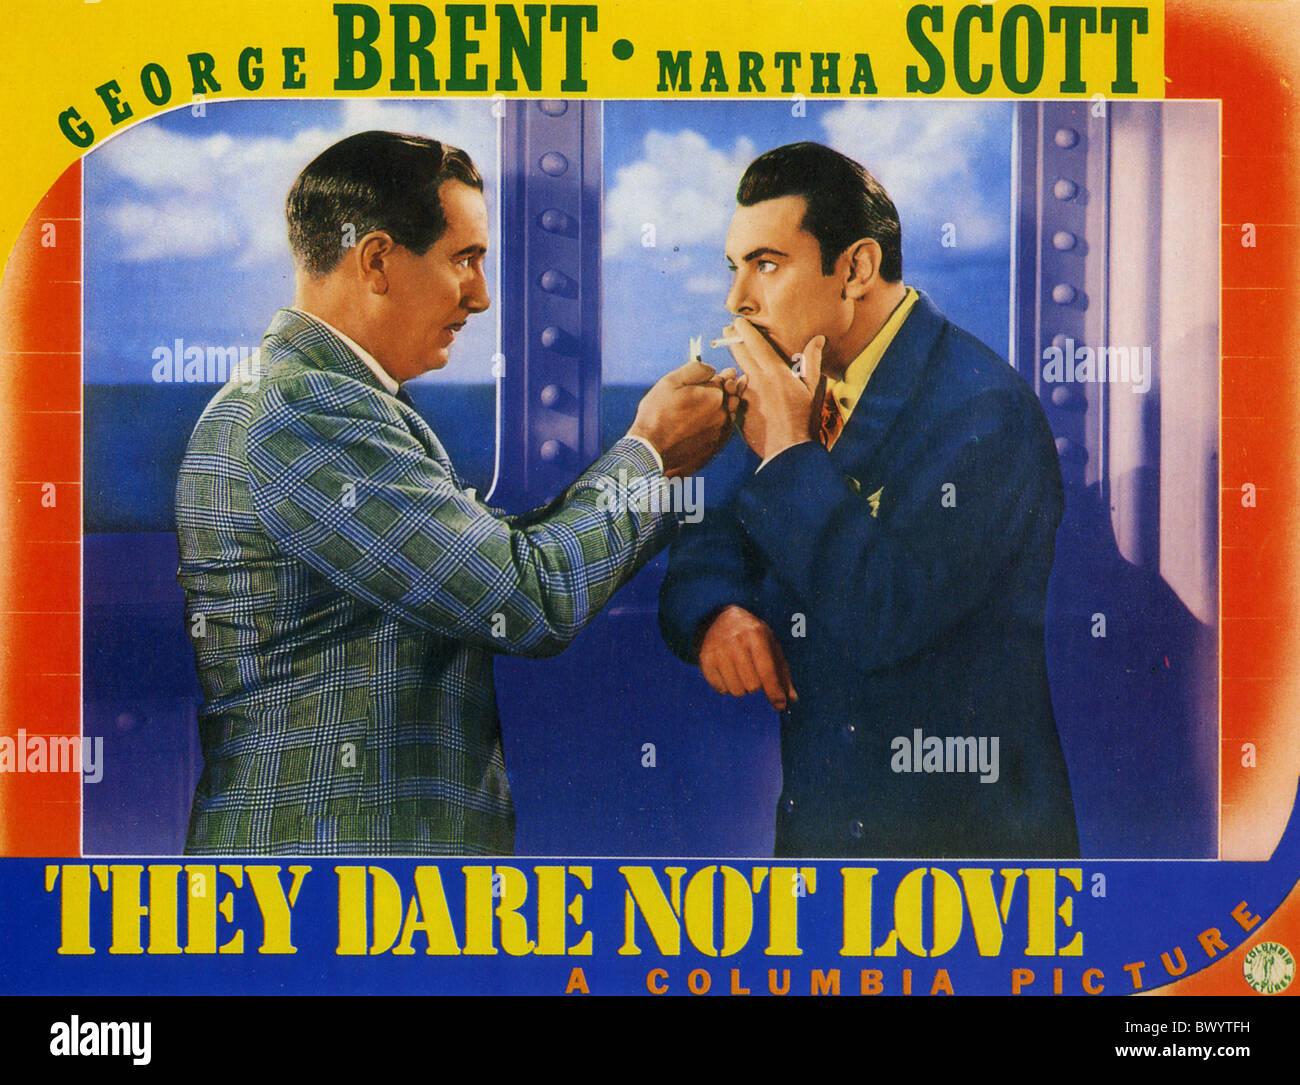 No SE ATREVEN A AMAR cartel de 1941 Columbia film con George Brent a derecha y Paul Lukas Foto de stock